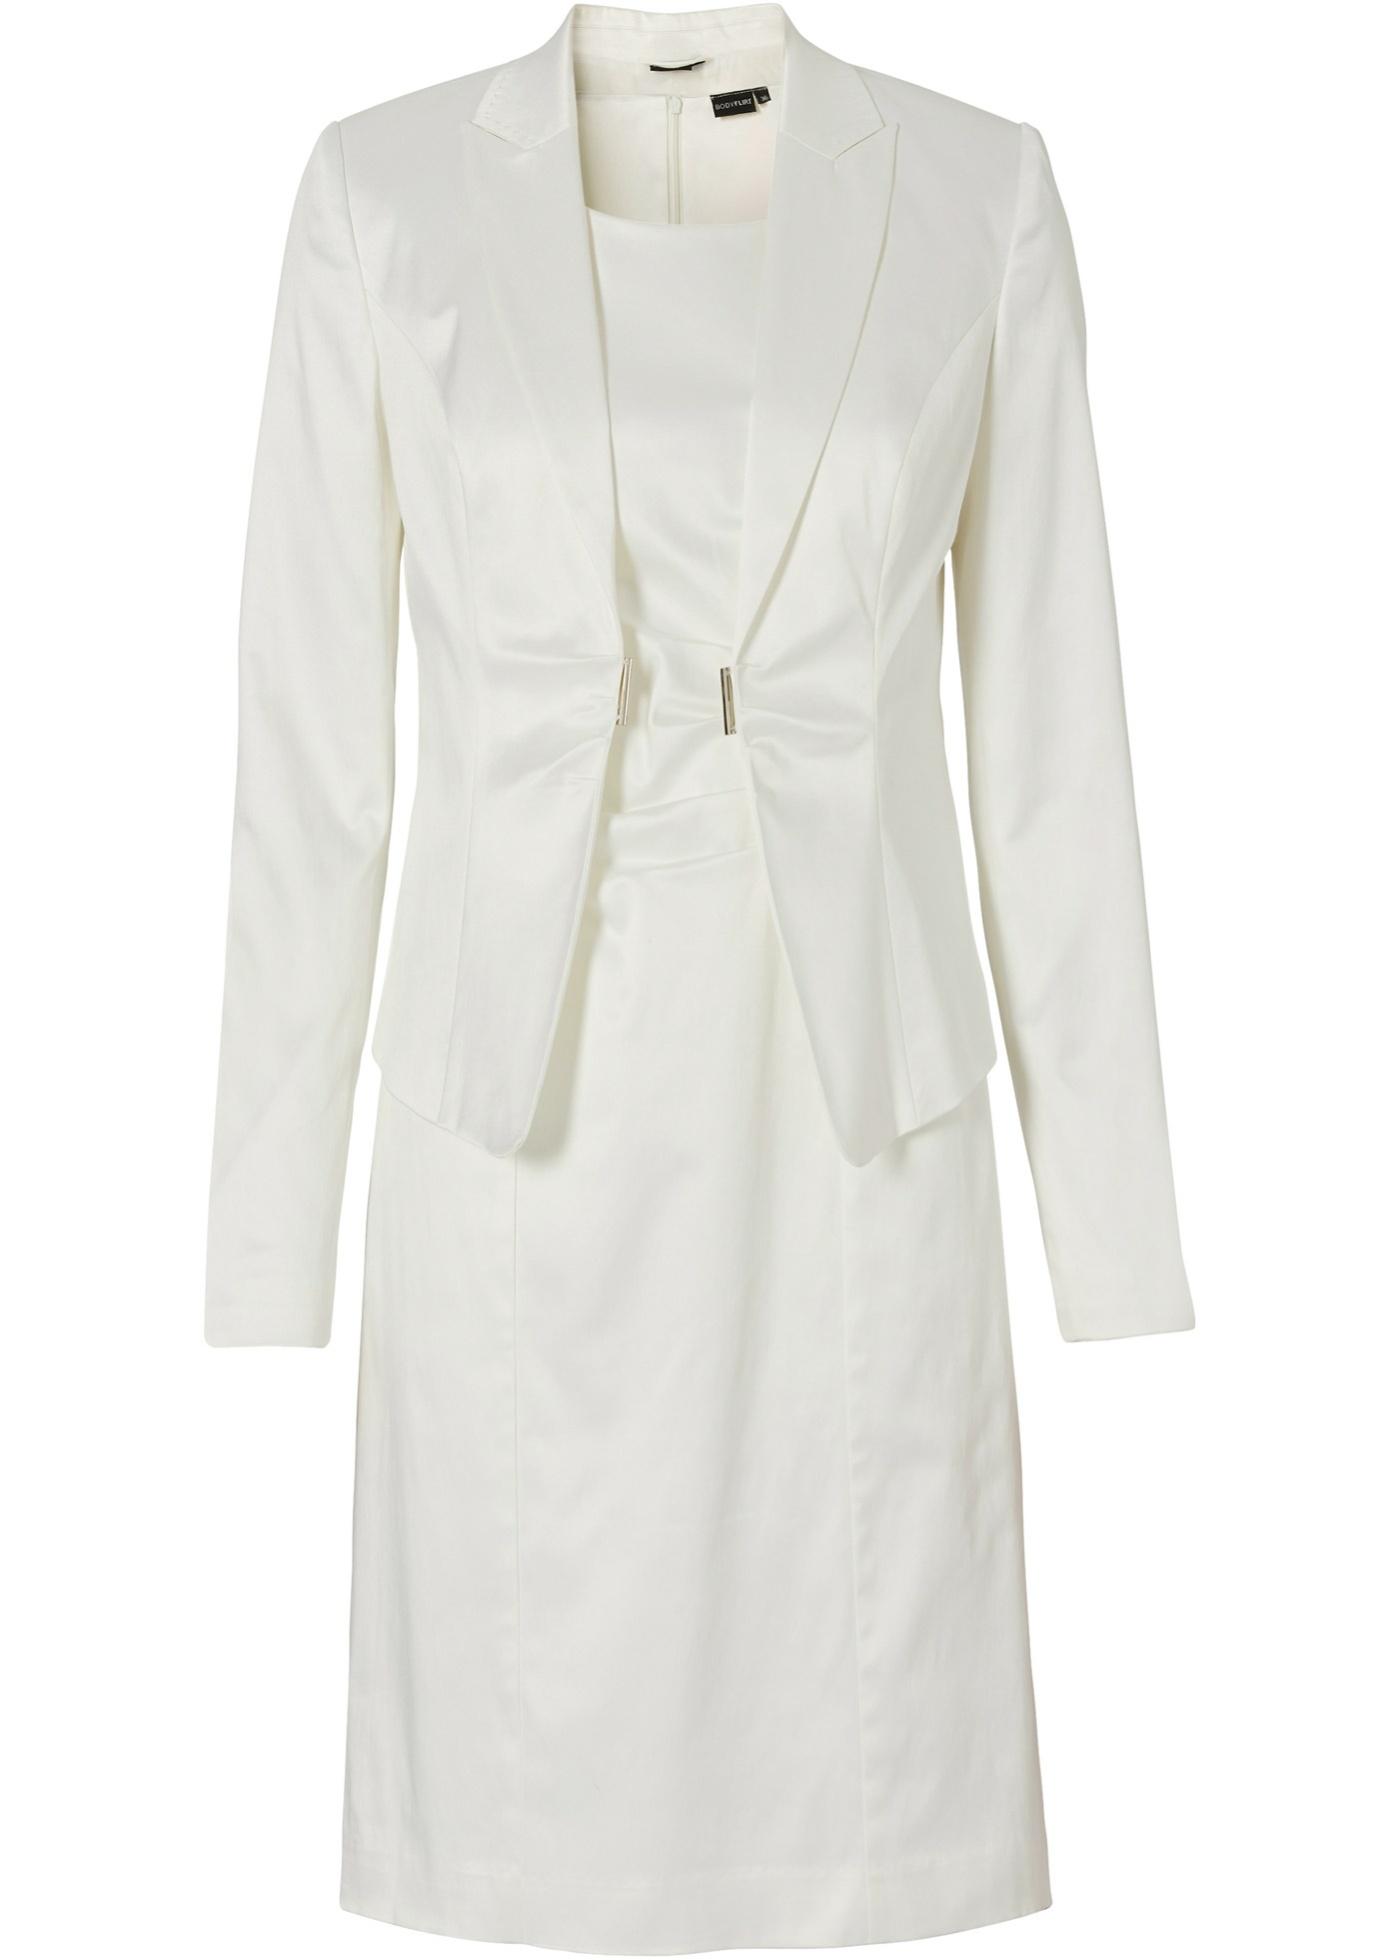 Bodyflirt Kostüm Blazer + Kleid 2-tlg. Set in weiß für Damen von bonprix